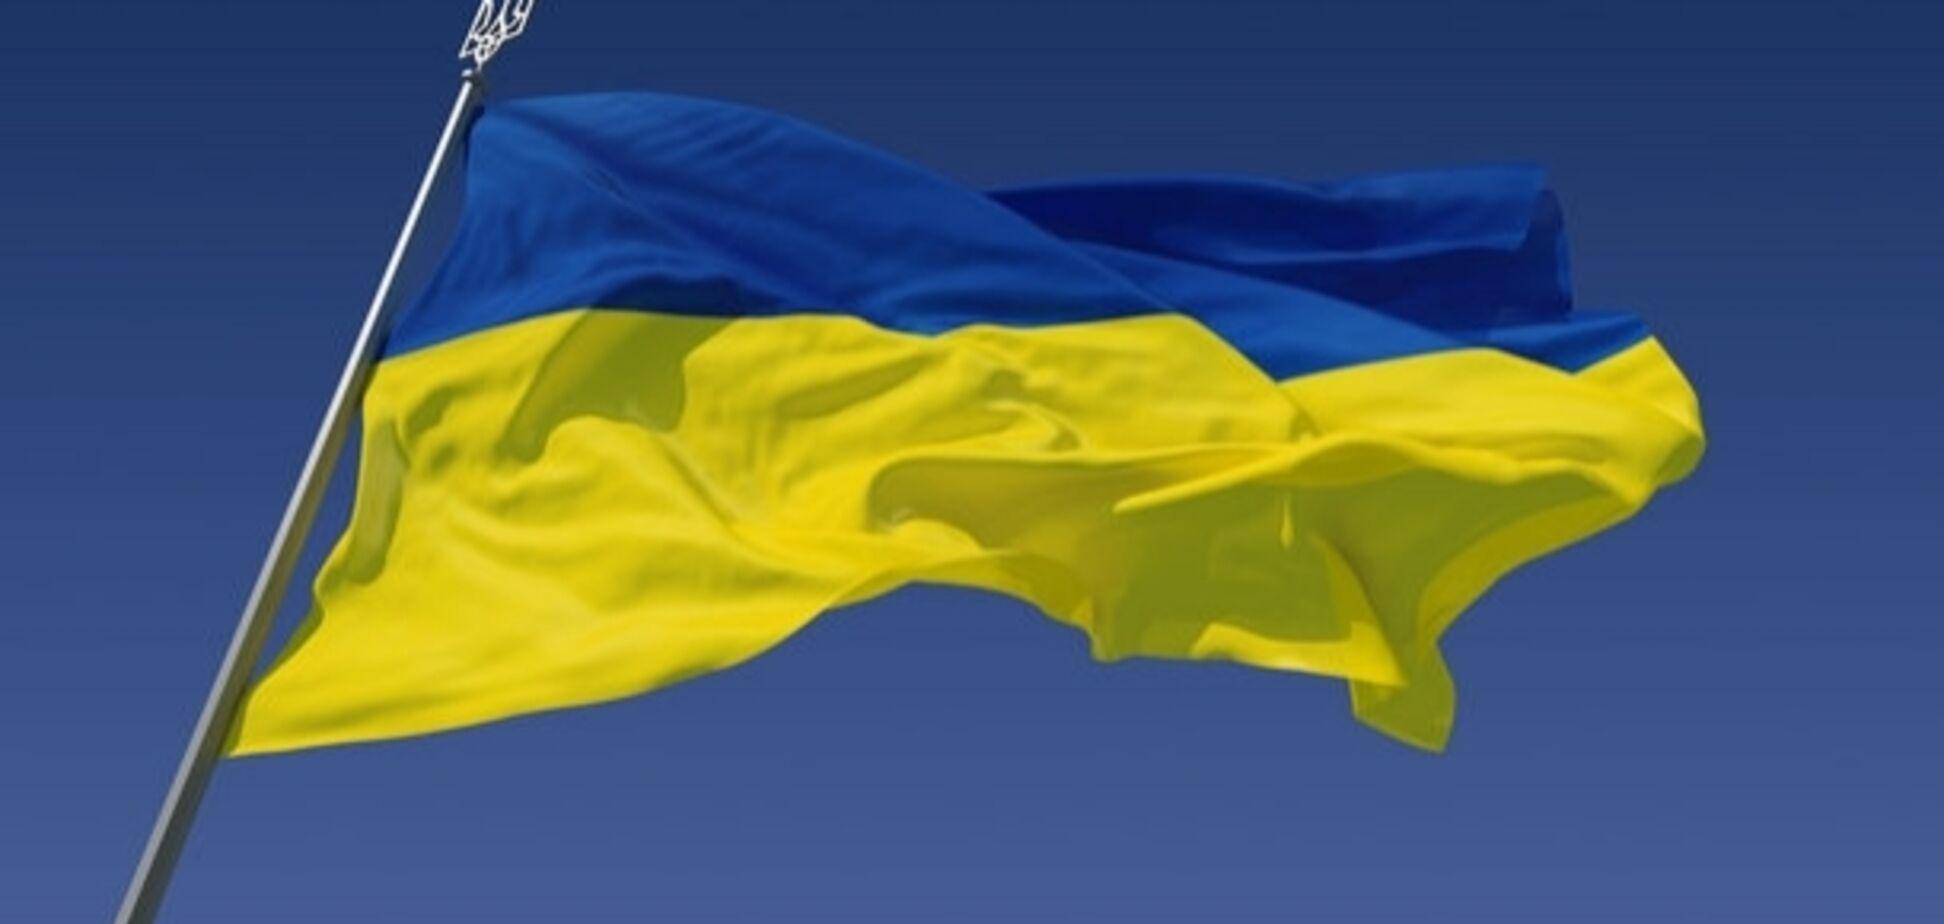 Це неймовірний успіх: браво, Україно! Браво, українці!